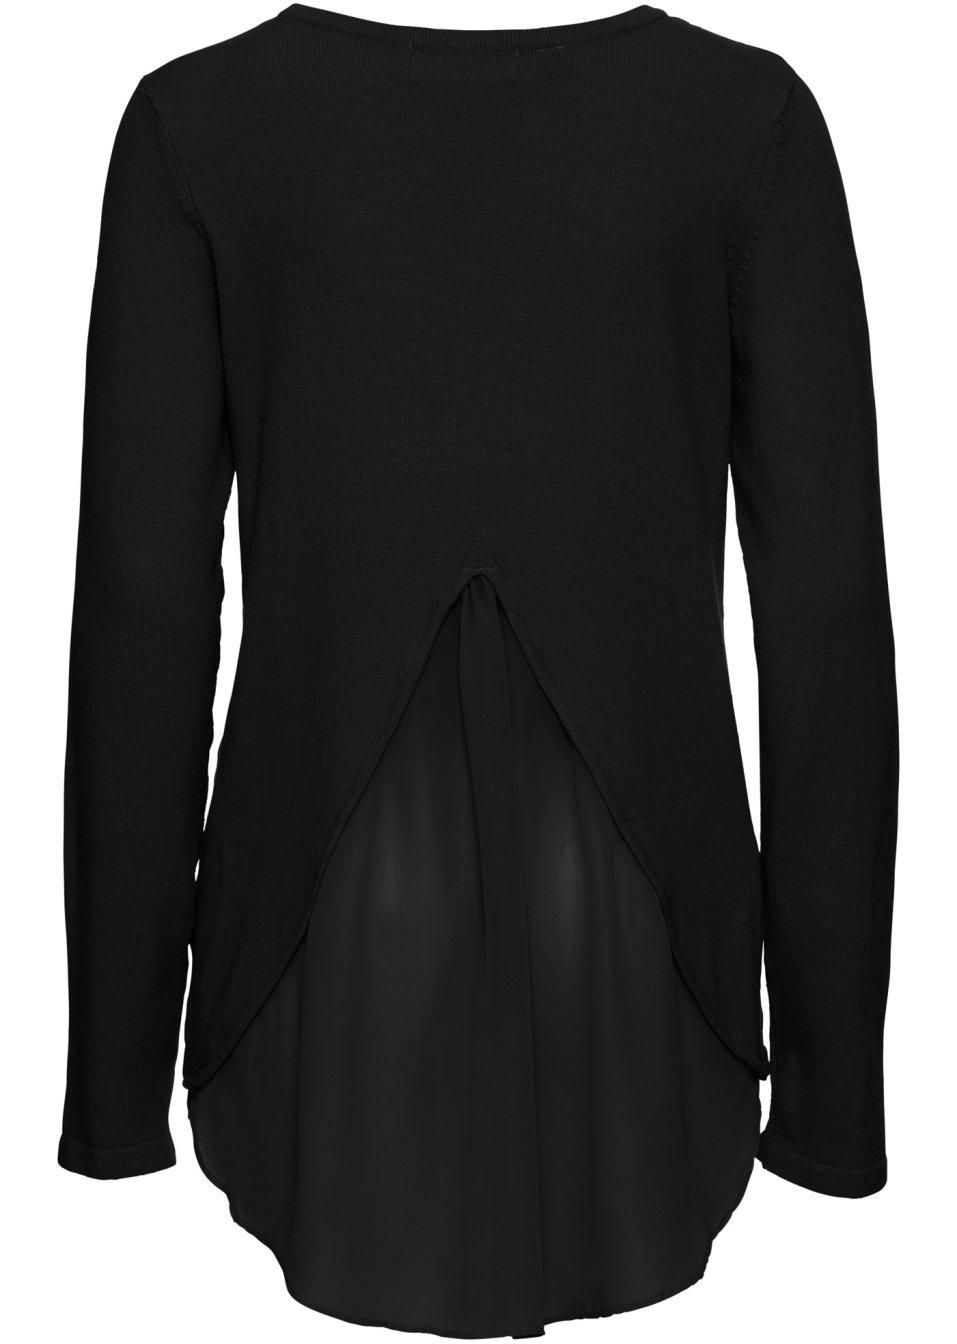 sch ner pullover mit bluseneinsatz aus zartem chiffon schwarz. Black Bedroom Furniture Sets. Home Design Ideas